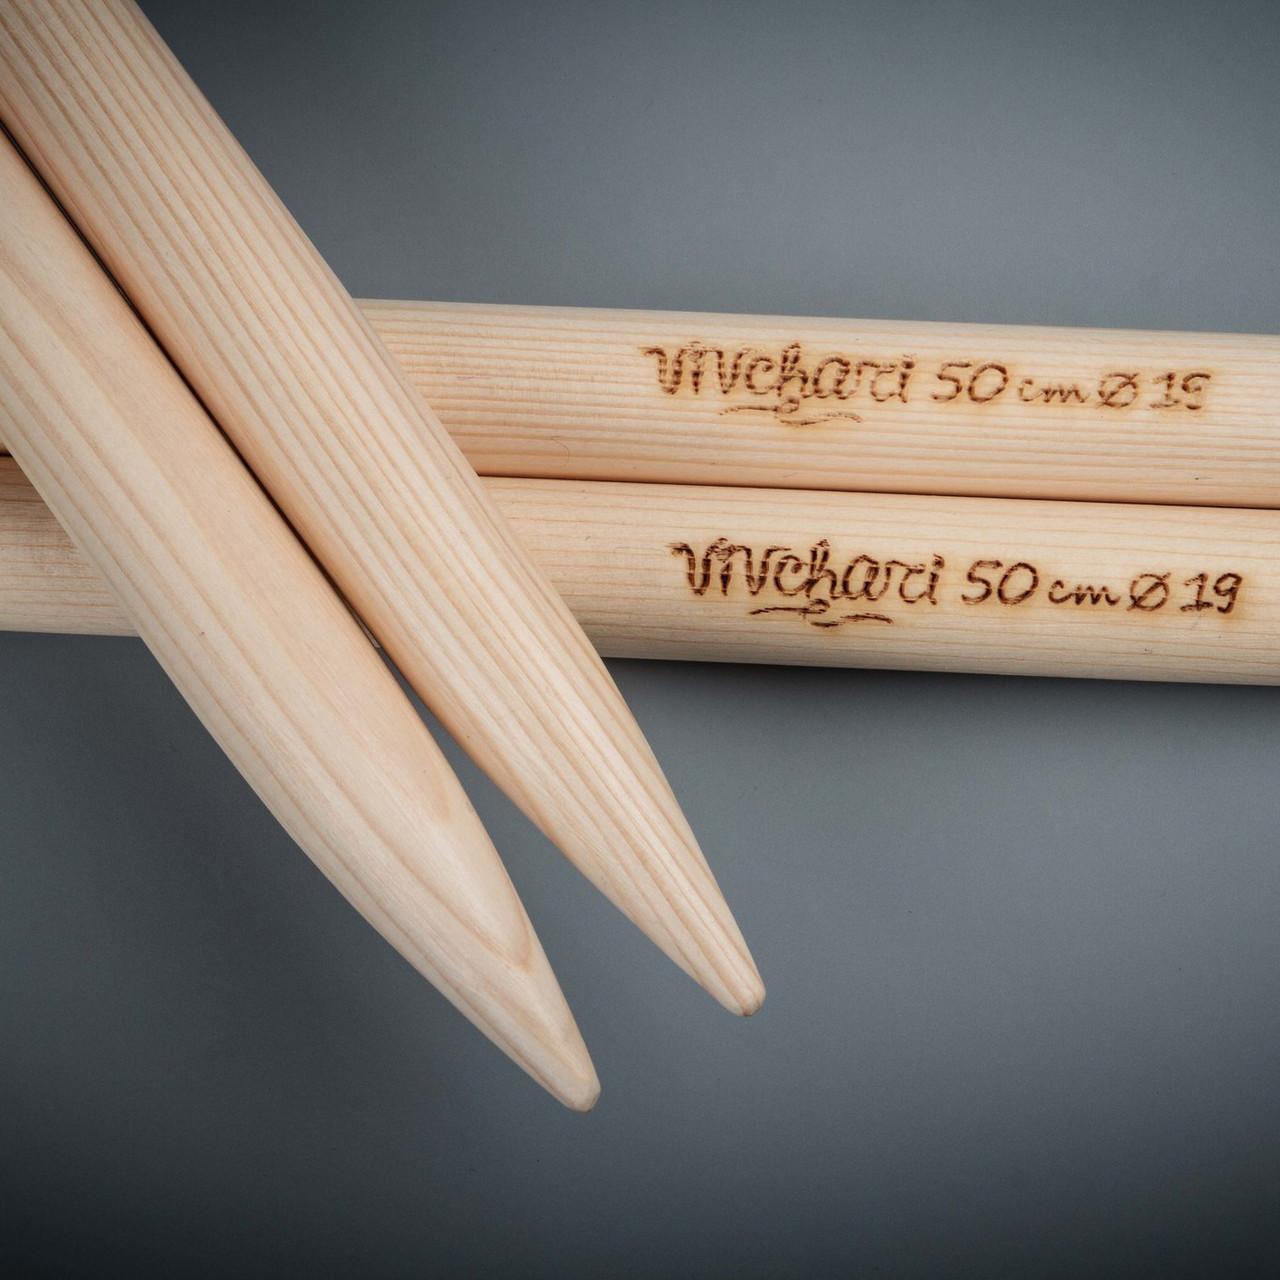 Толстые спицы для вязания 20 мм, 50 см, ТМ Vivchari